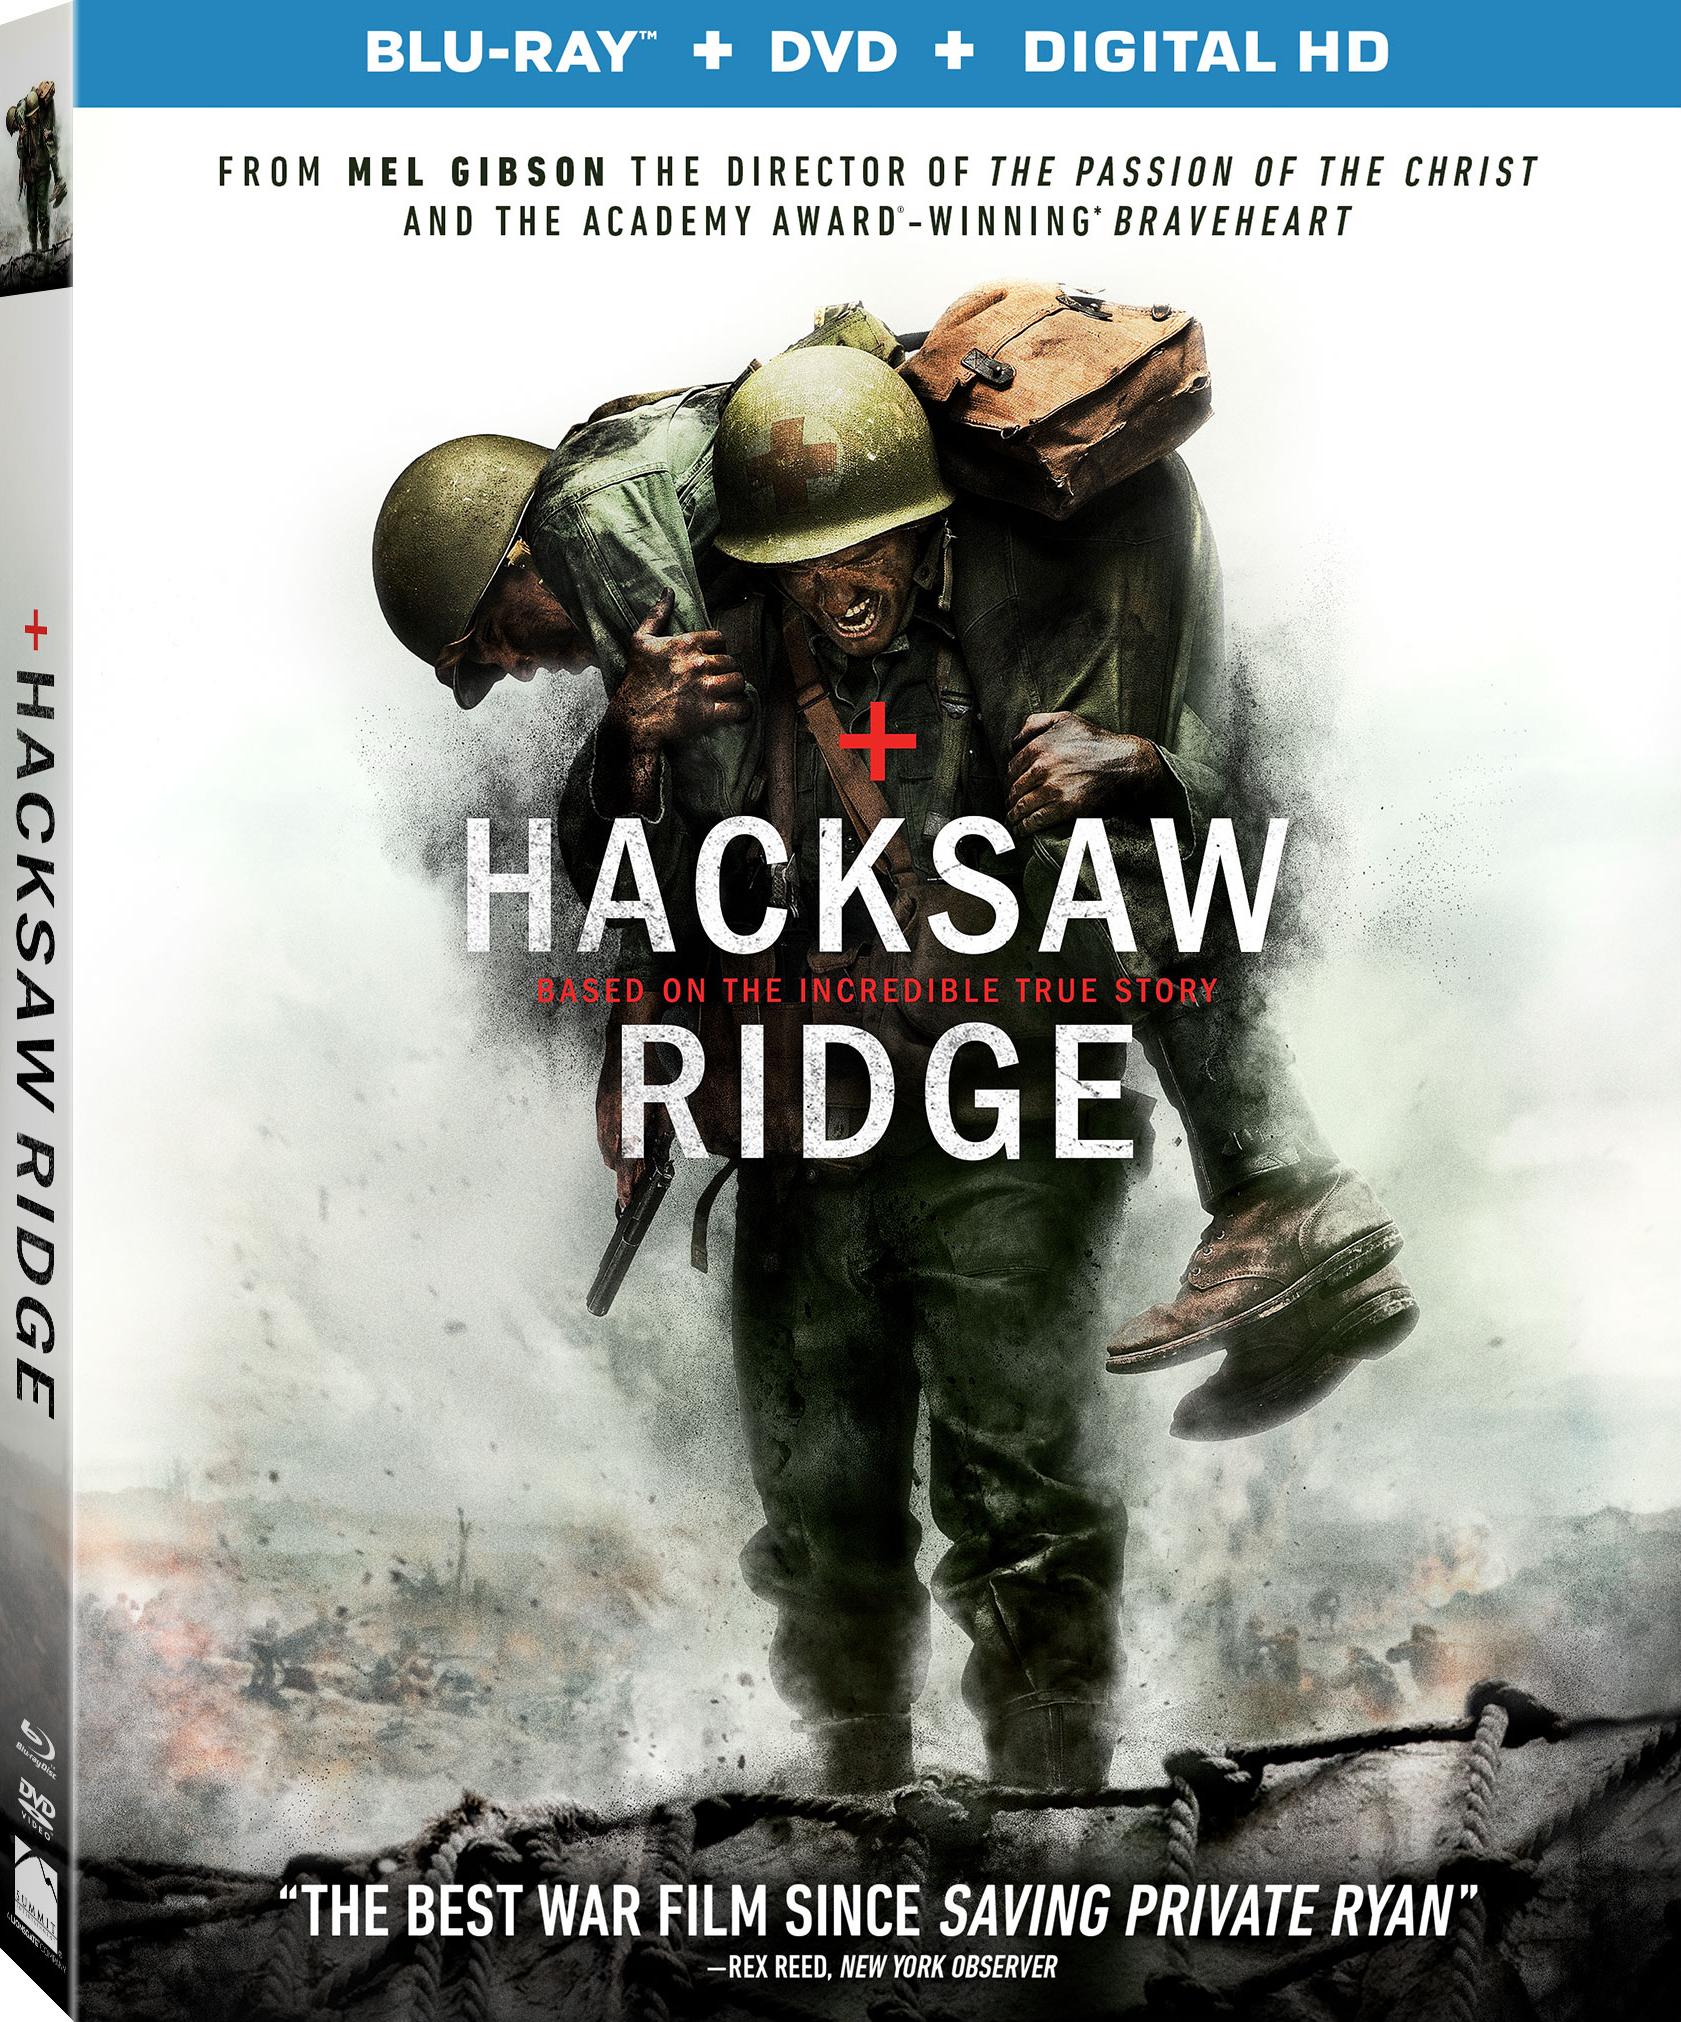 Hacksaw Ridge (2016) poster image